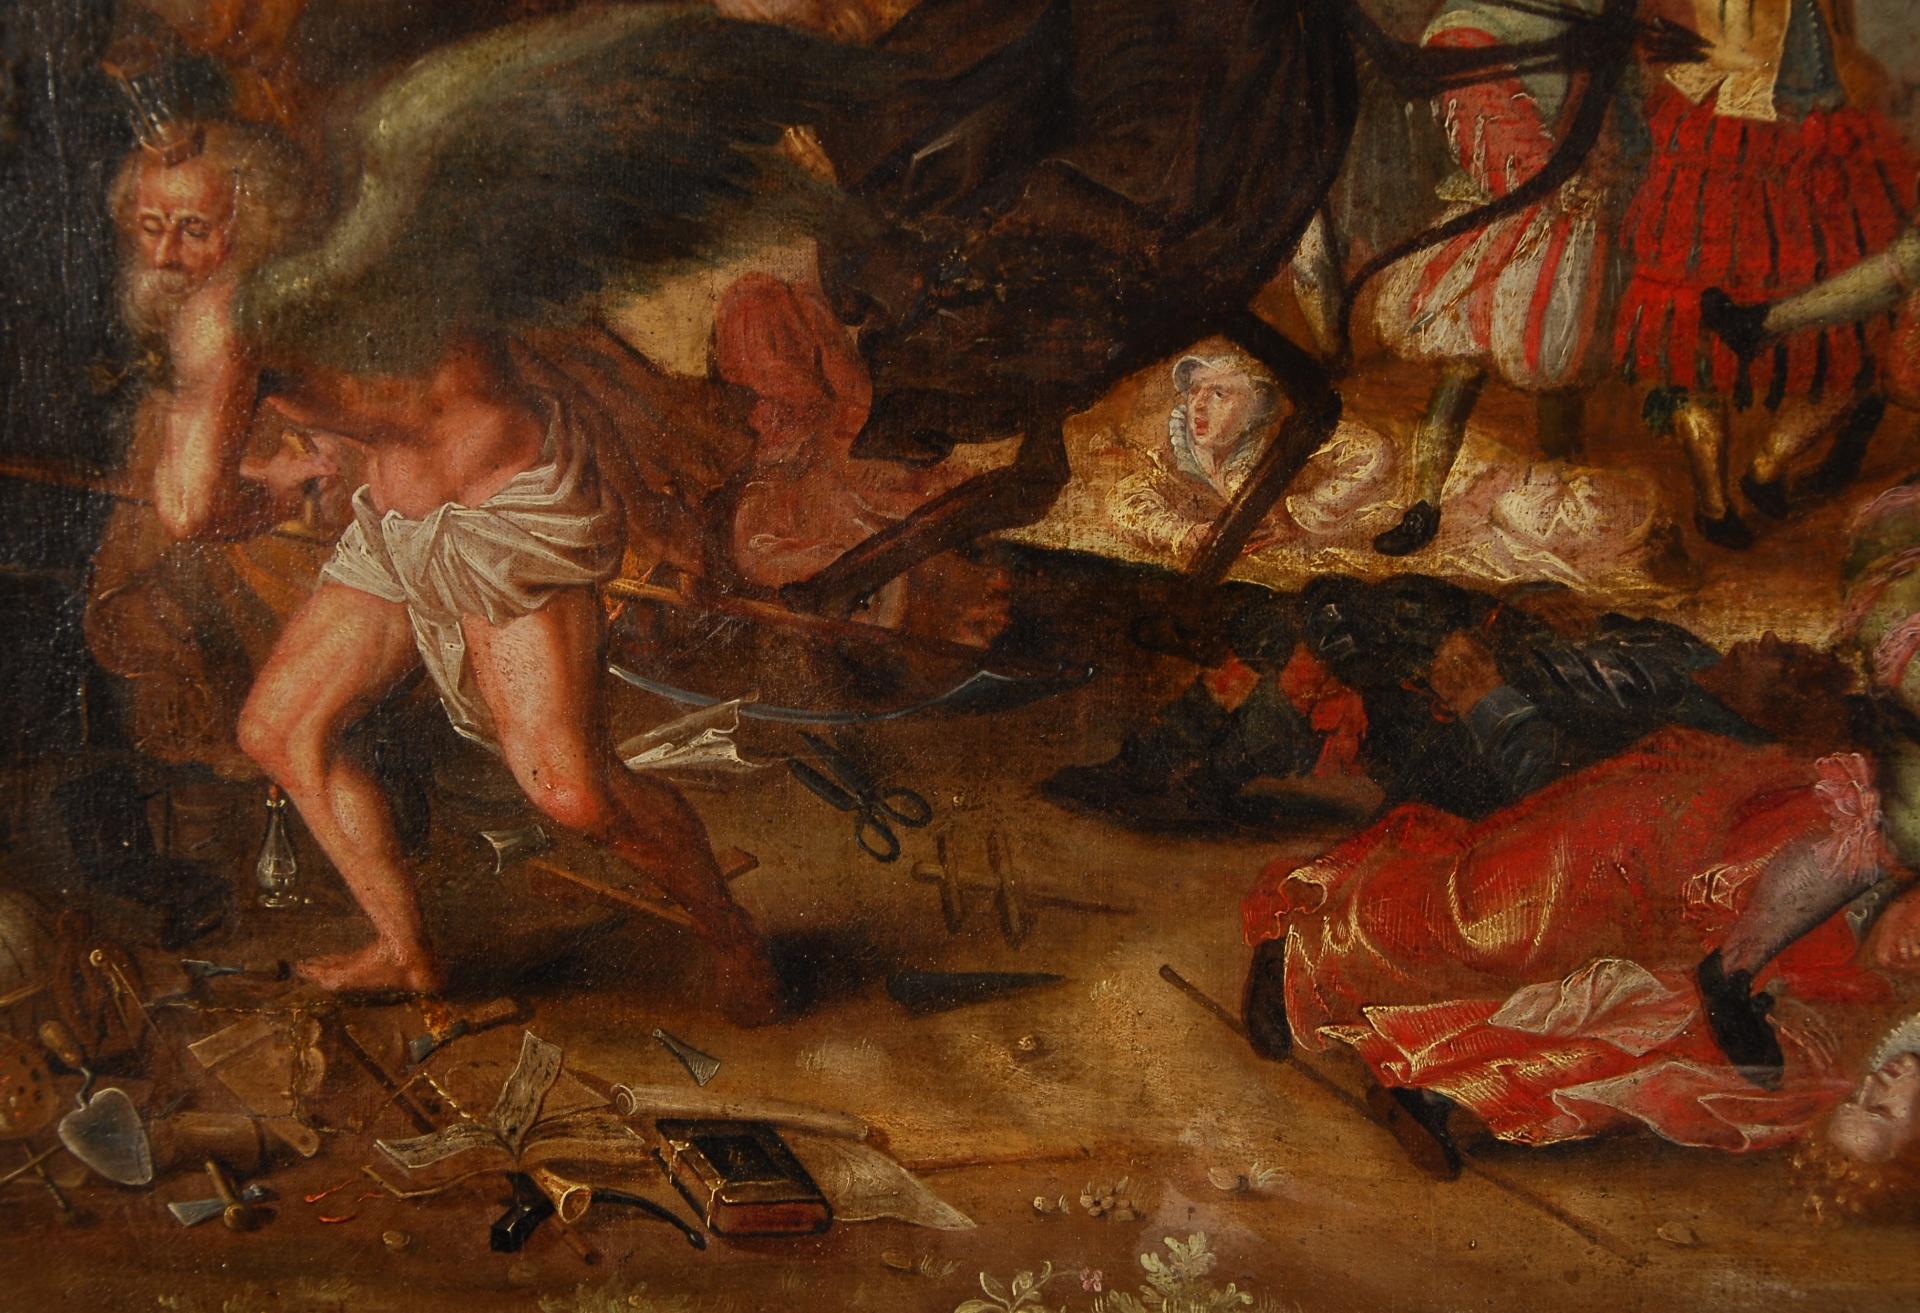 Le combat des hommes et des animaux contre le temps et la mort